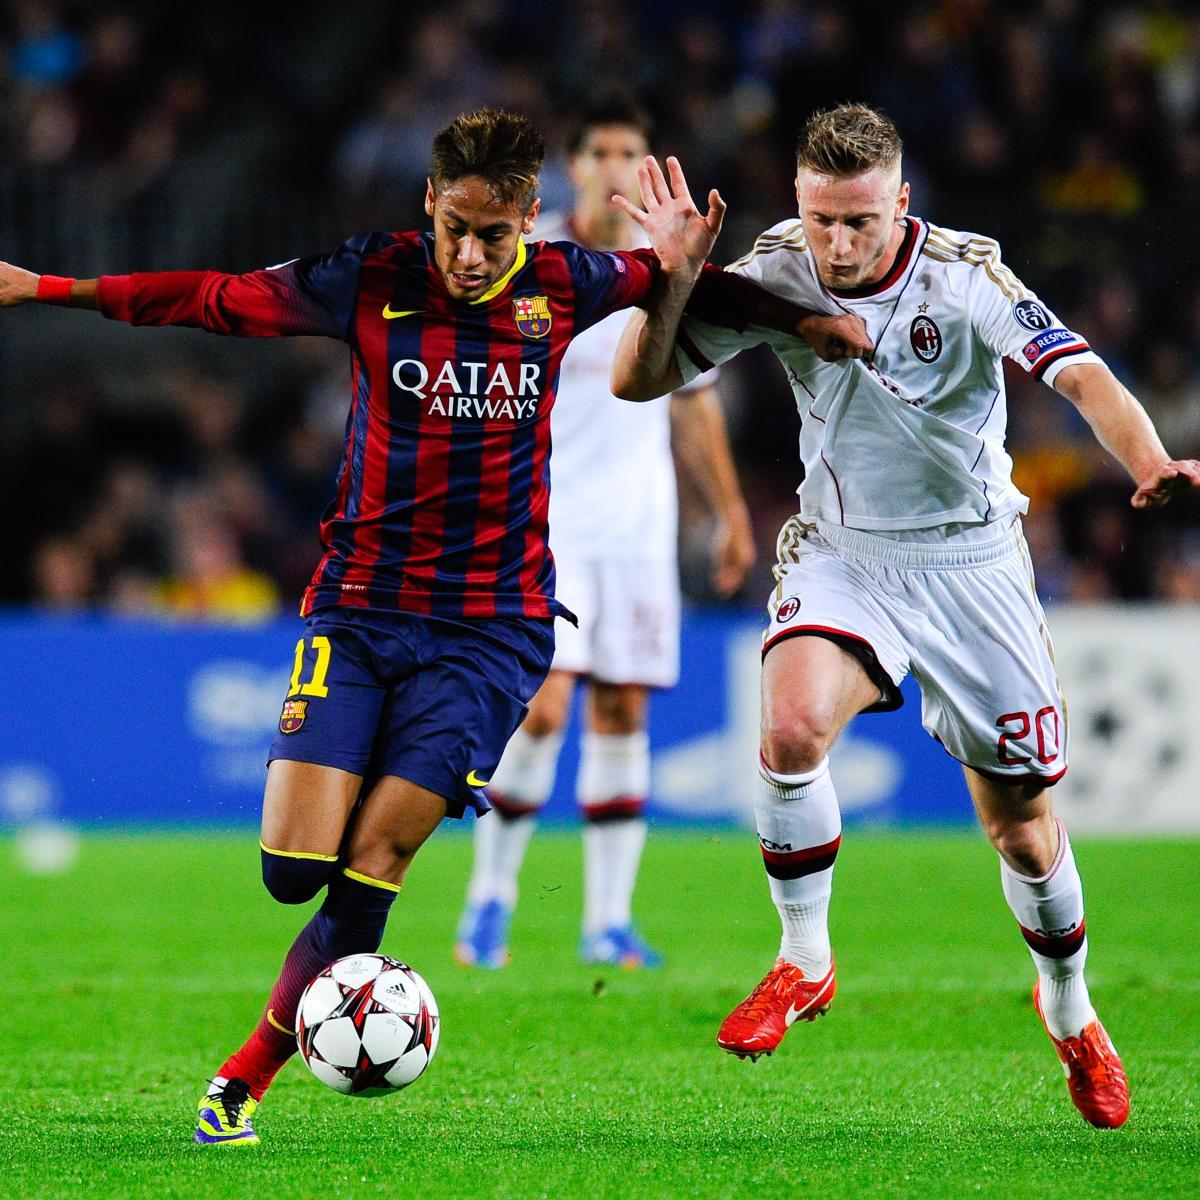 Real Betis Balompié beter bekend als Real Betis is een Spaanse voetbalclub uit de stad Sevilla uitkomend in de Primera División De club speelt zijn